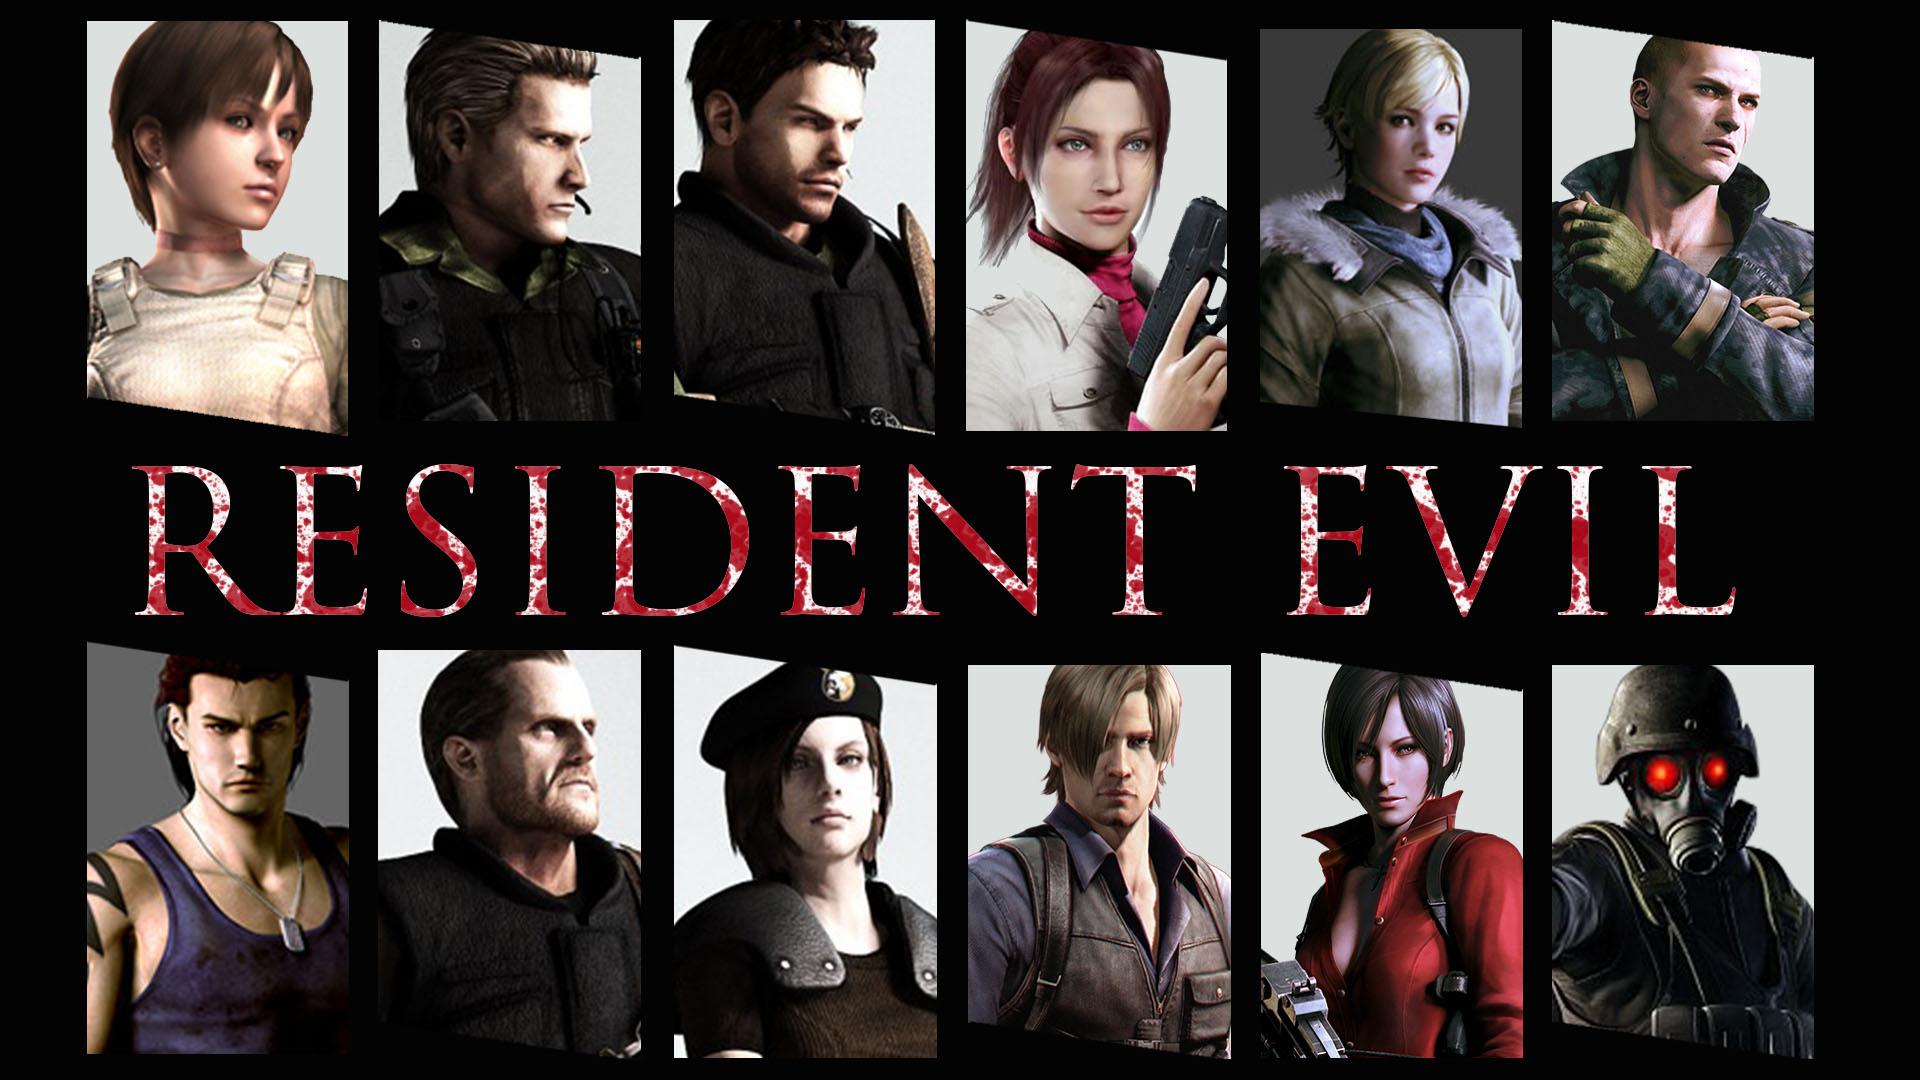 resident_evil-5.jpg